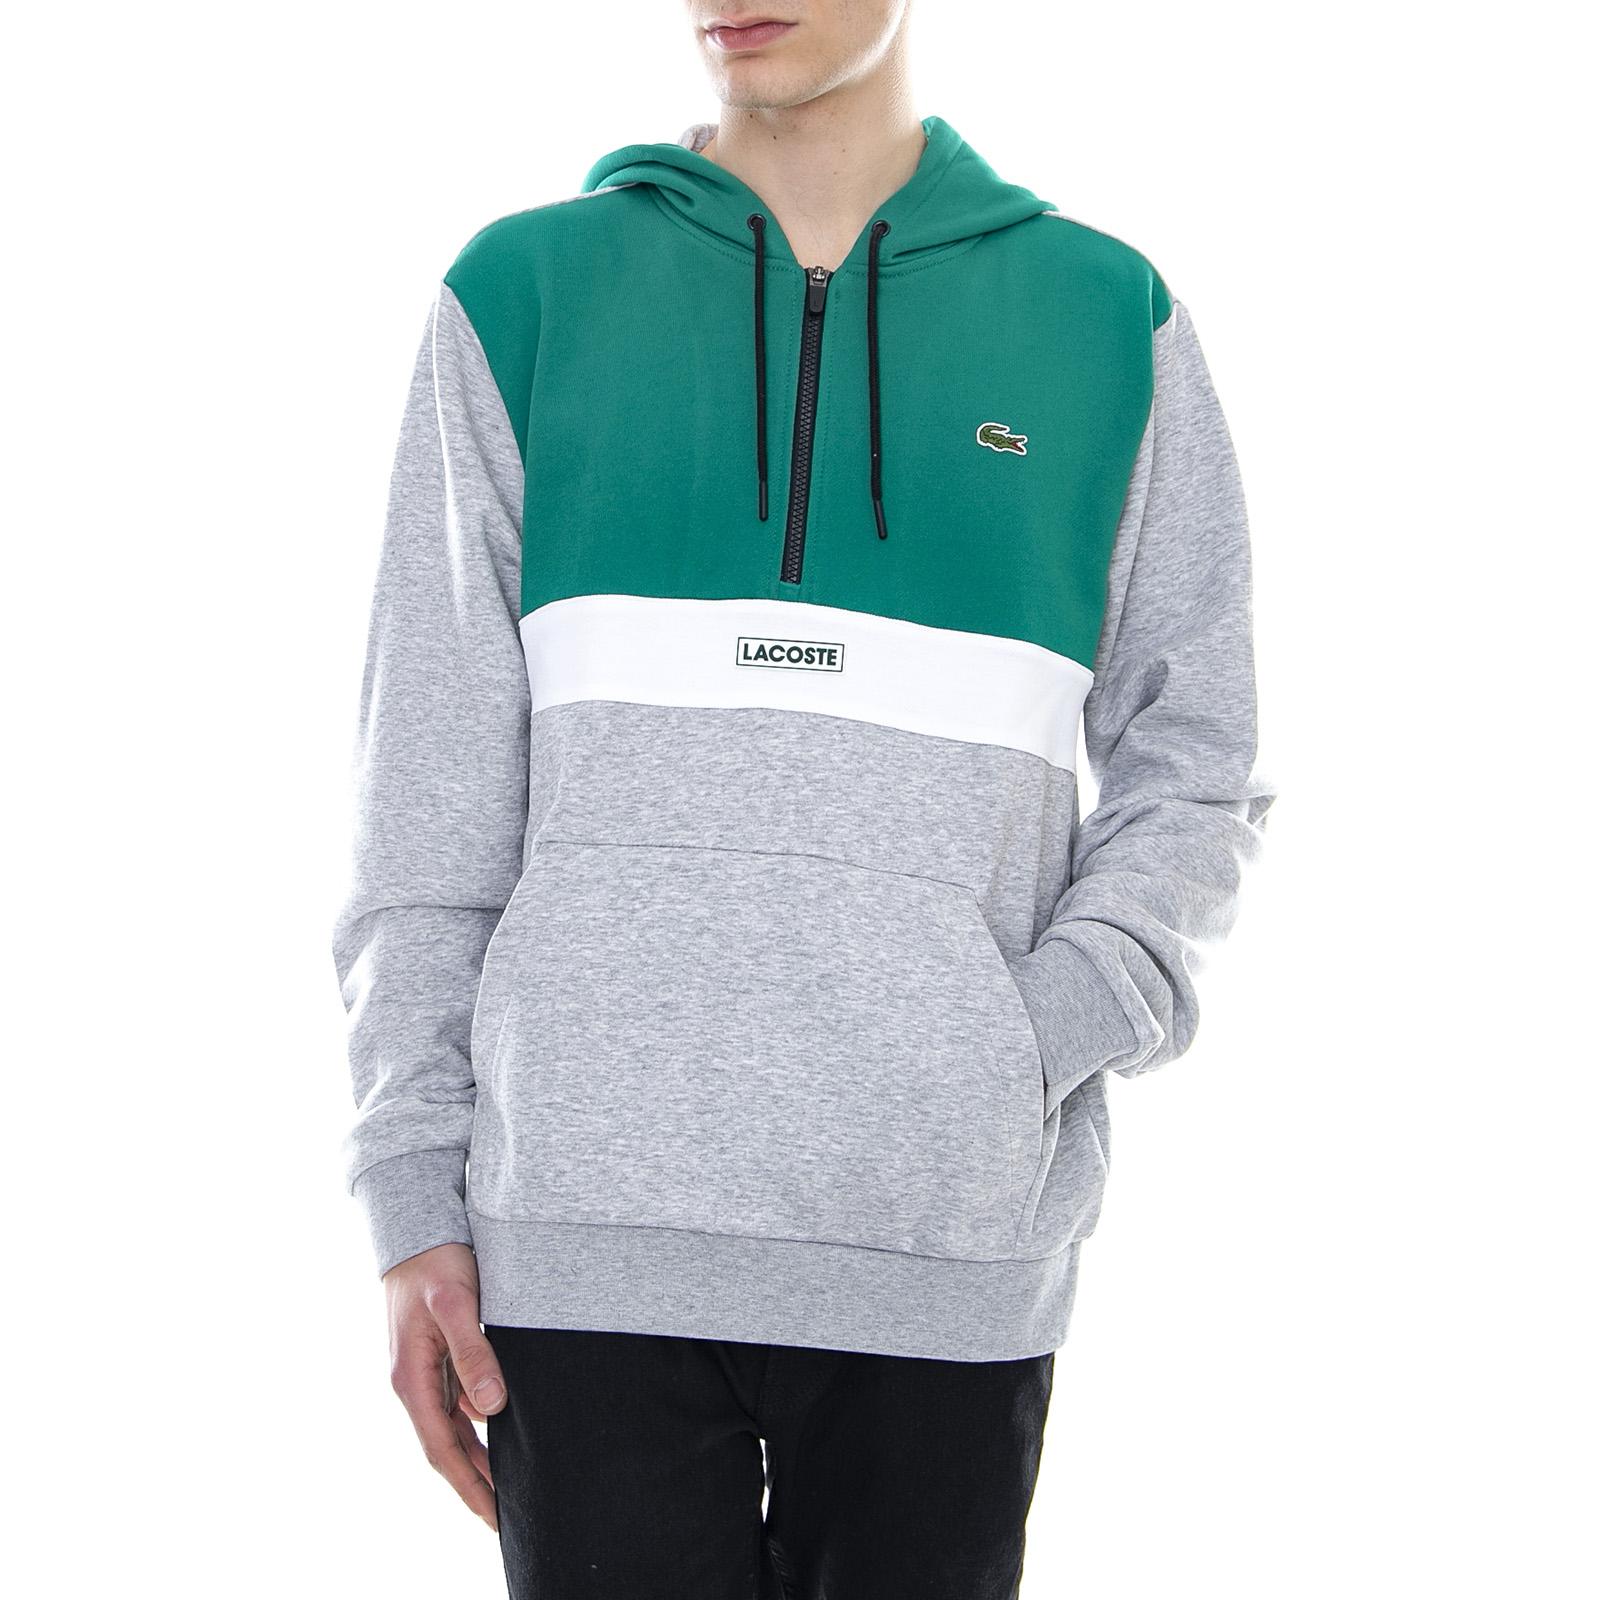 068d52cc807c52 Lacoste Logo Hooded Sweatshirt - Green/Grey - Felpa Con Cappuccio Da Uomo  Grigio